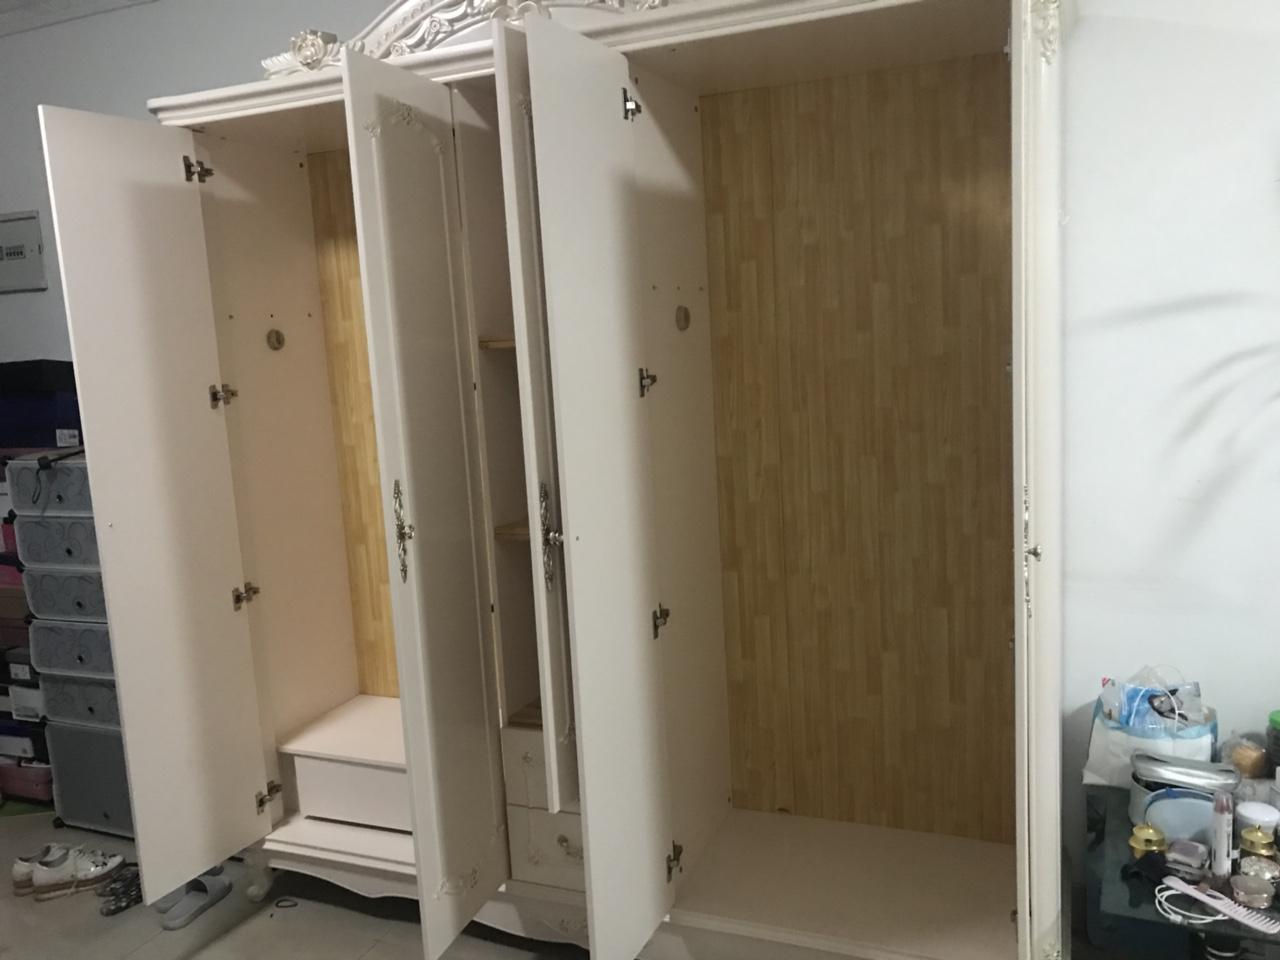 郑州专业拆装家具,各种办公家具拆装各种板式家具等,十多年拆装家具经验,随叫随到快速安装,自带车辆可搬...